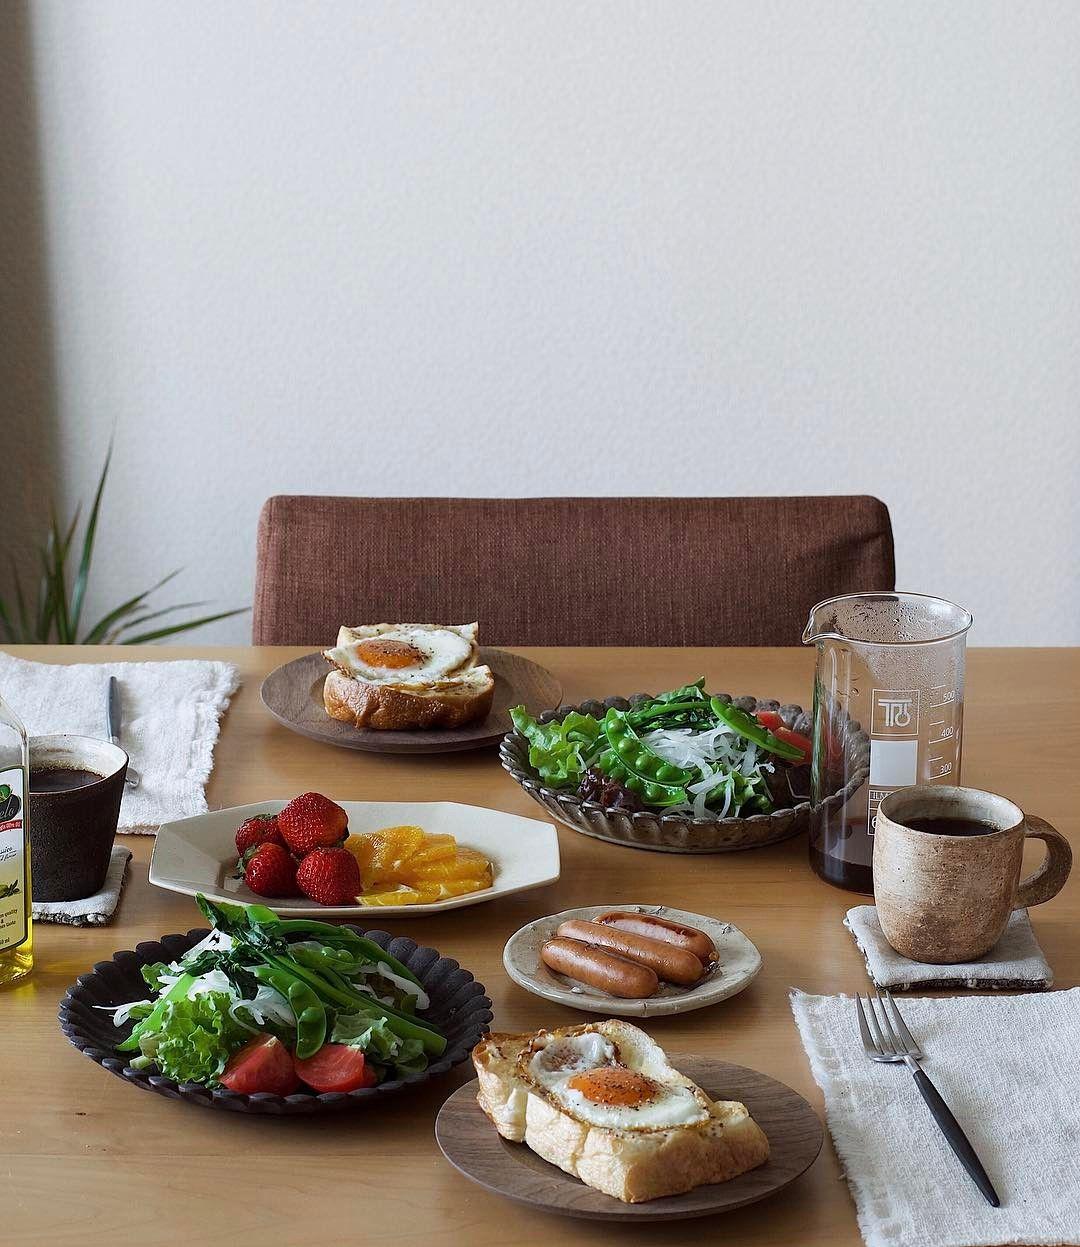 779 個讚,20 則留言 - Instagram 上的 @me_____ct:「 . GWも後半。 いつもと代わり映えしない朝食☕️ 」